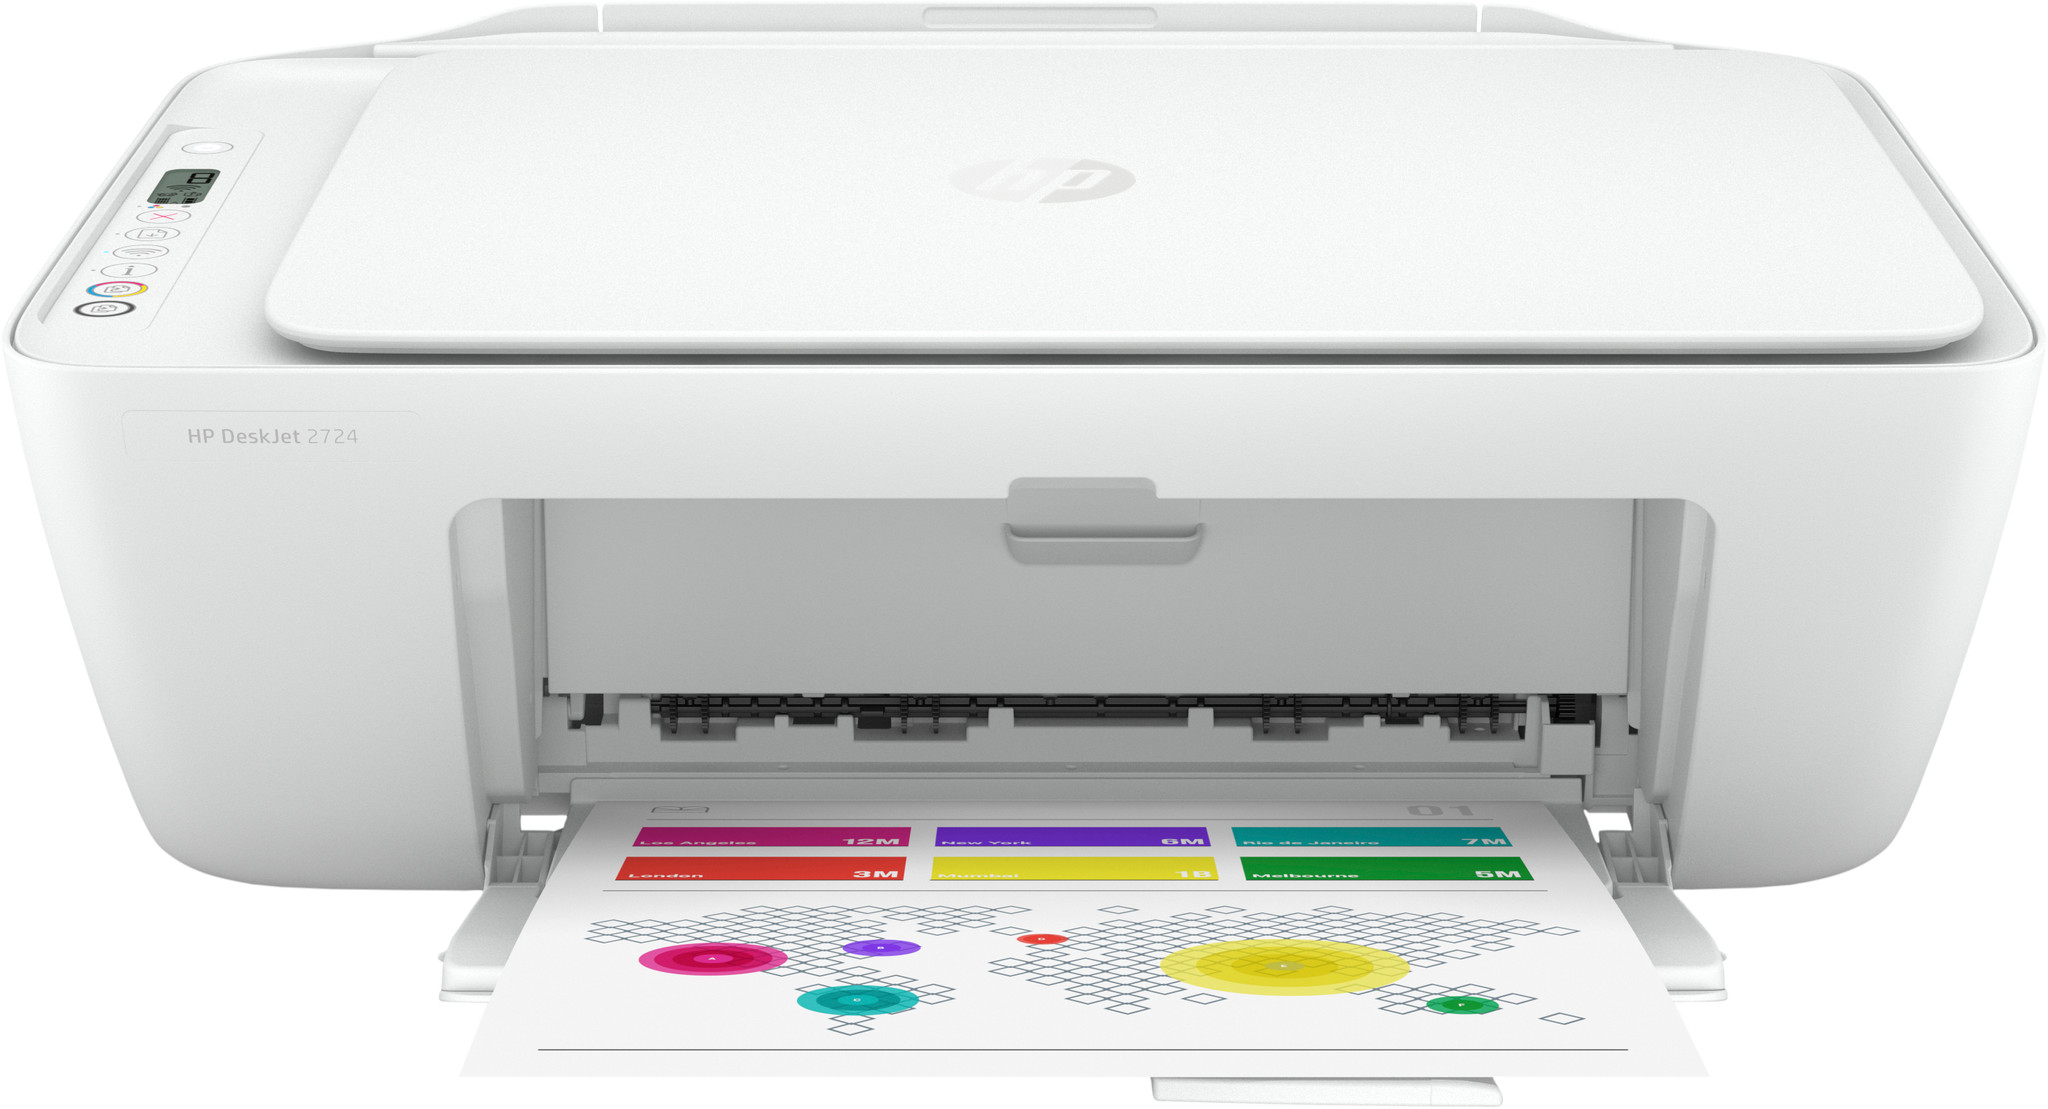 HP DeskJet 2724.